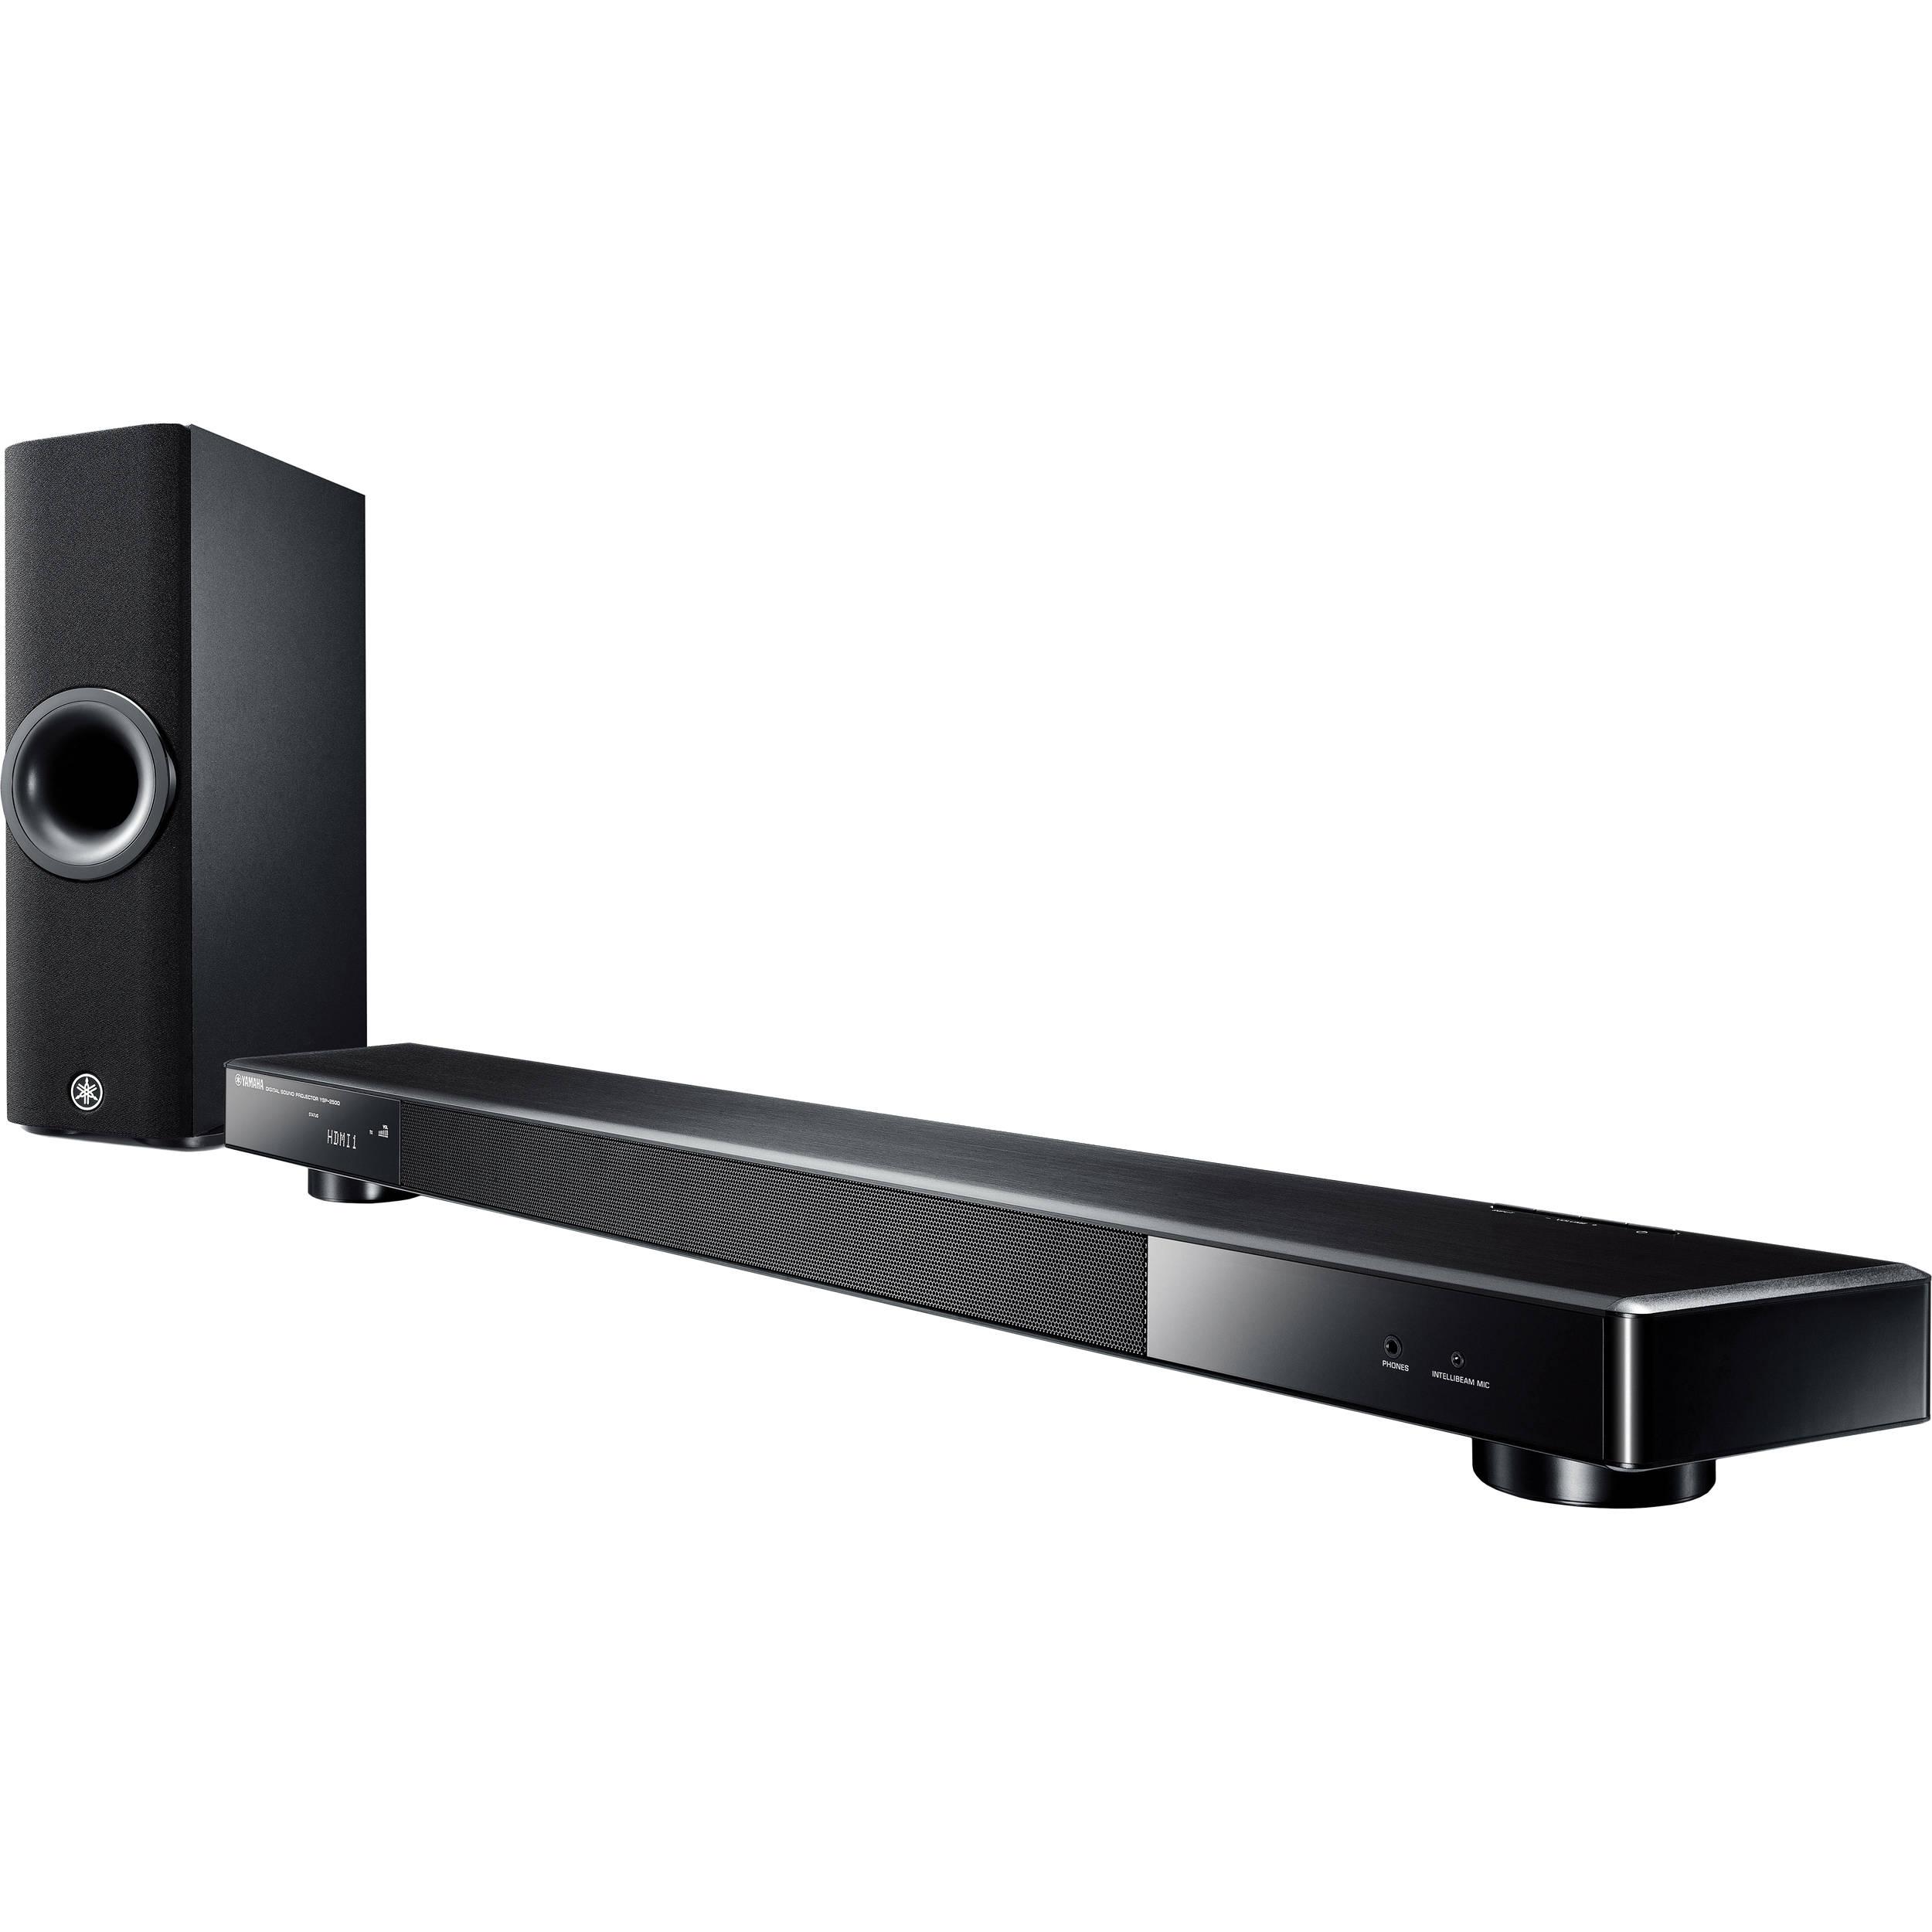 yamaha ysp 2500 162w 7 1 channel soundbar system ysp 2500bl b h. Black Bedroom Furniture Sets. Home Design Ideas